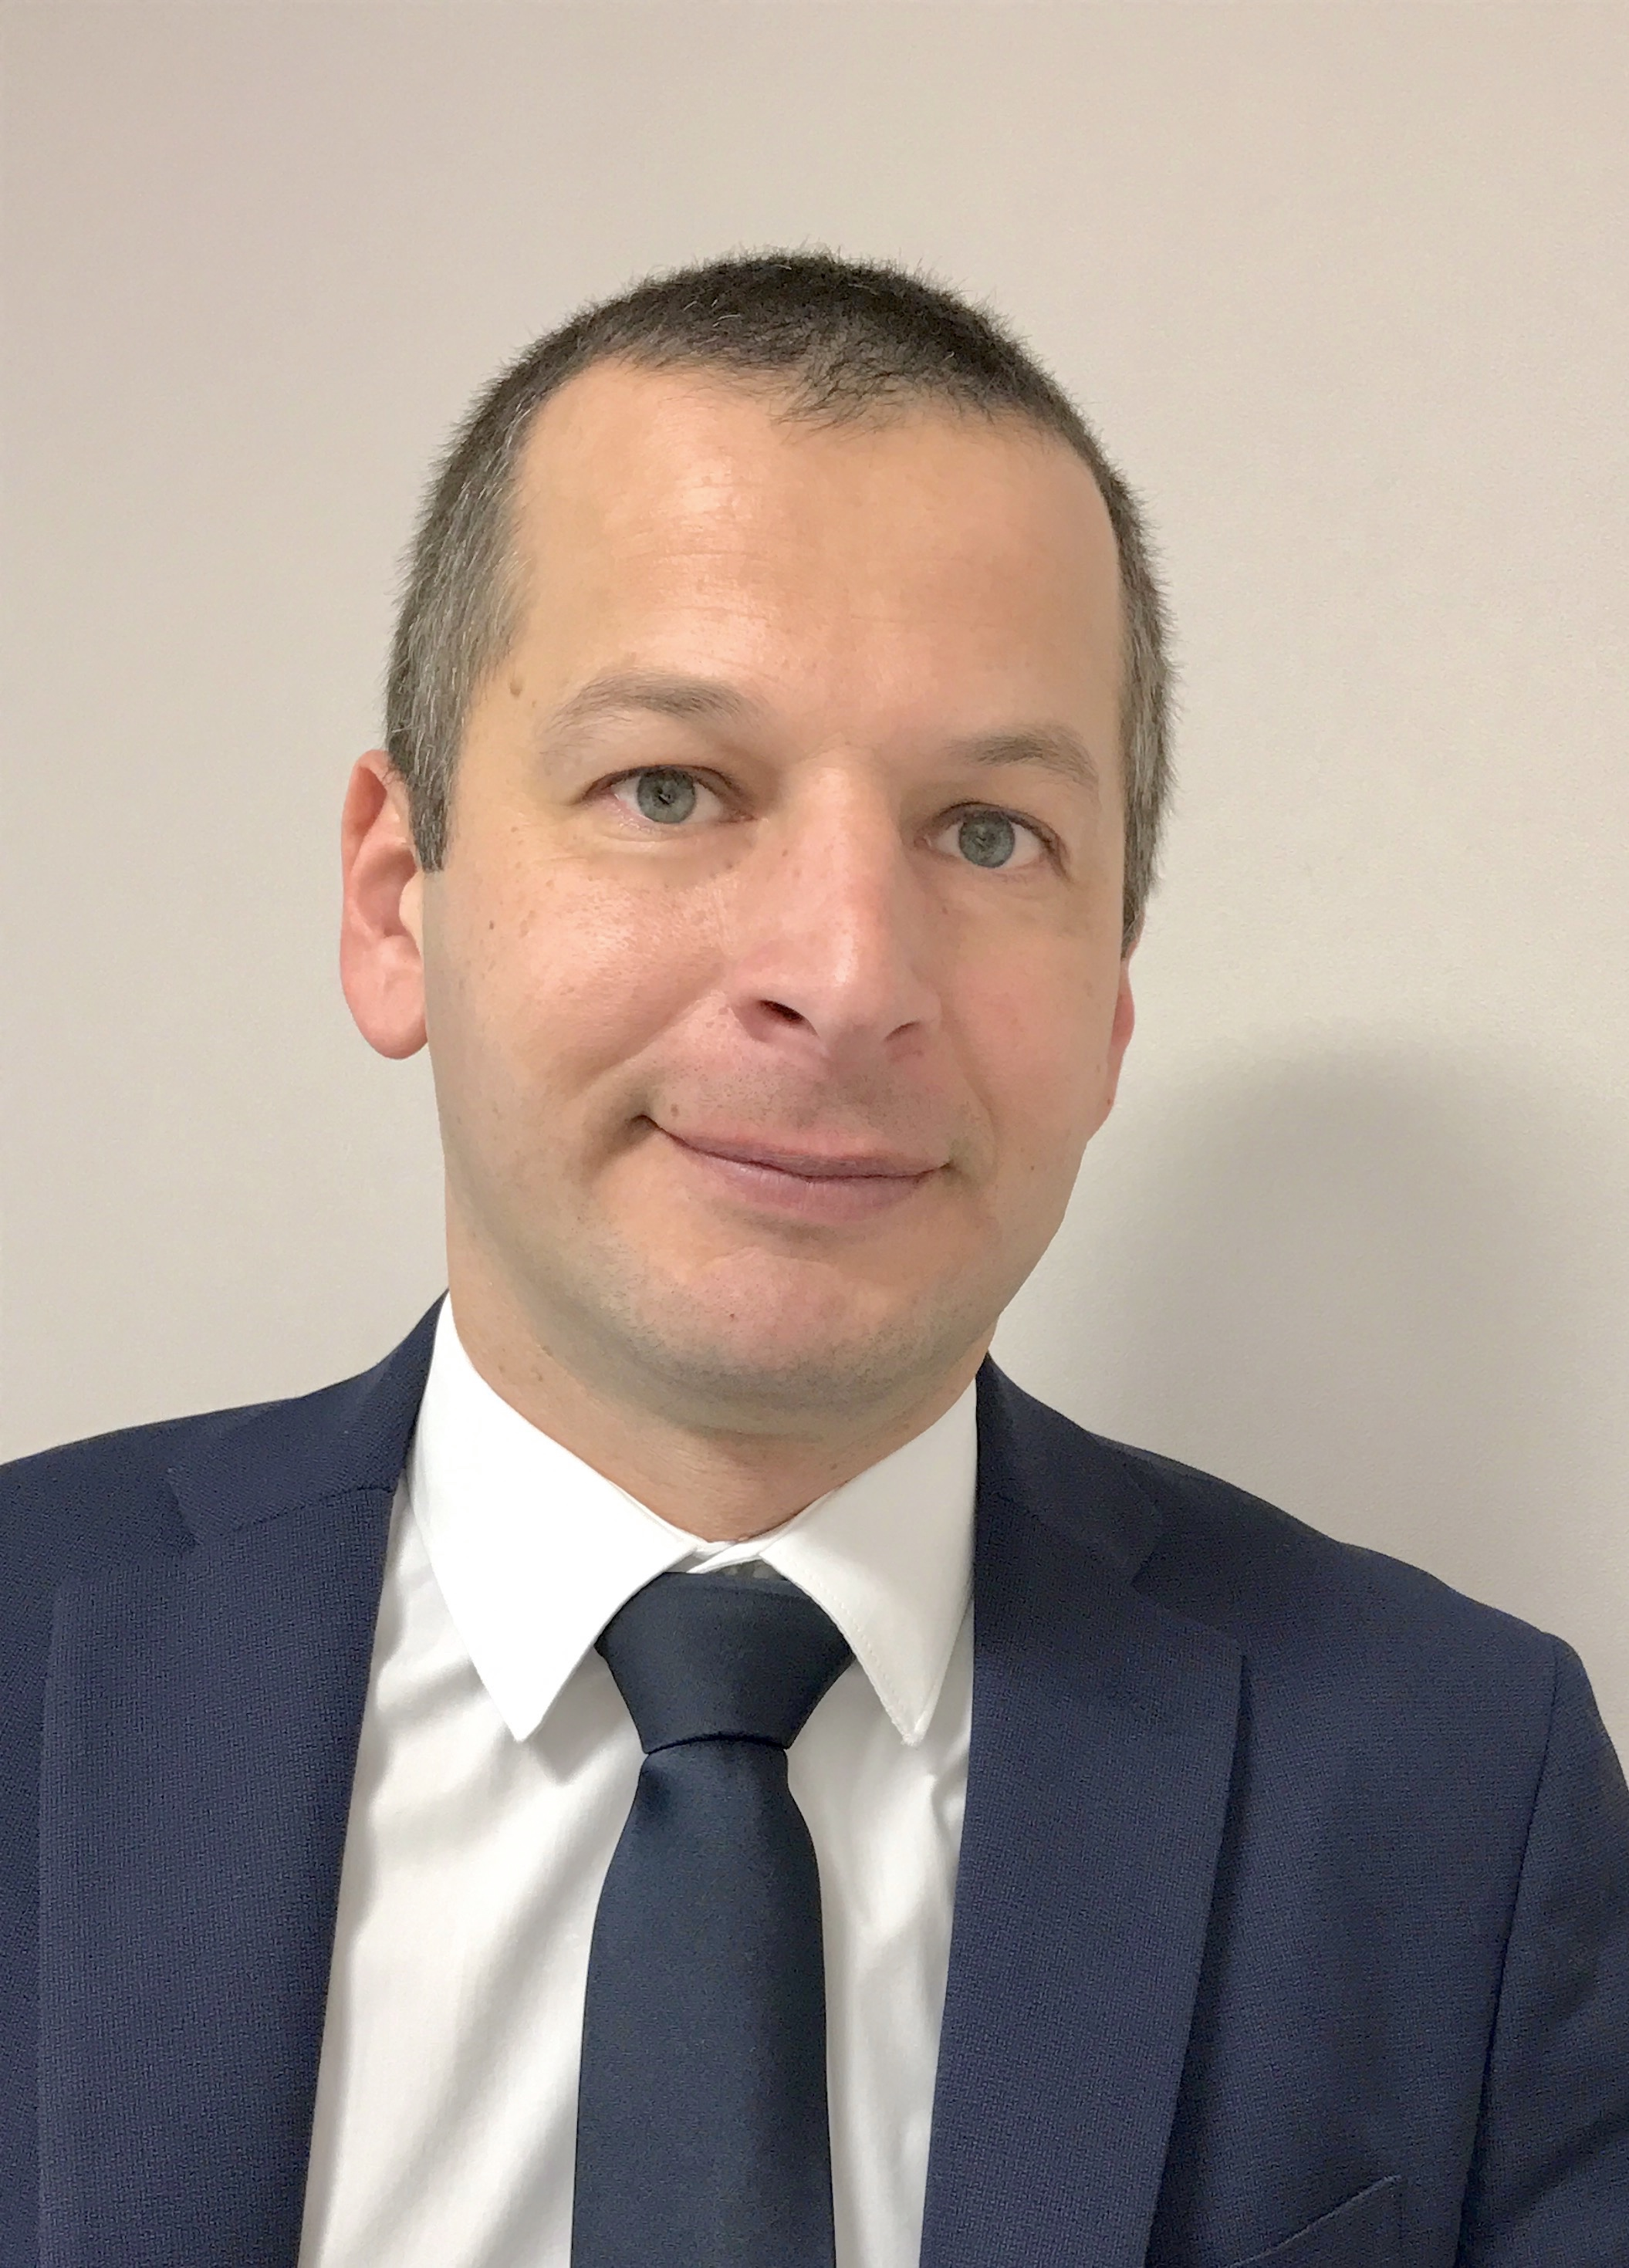 Franck MOISSAT